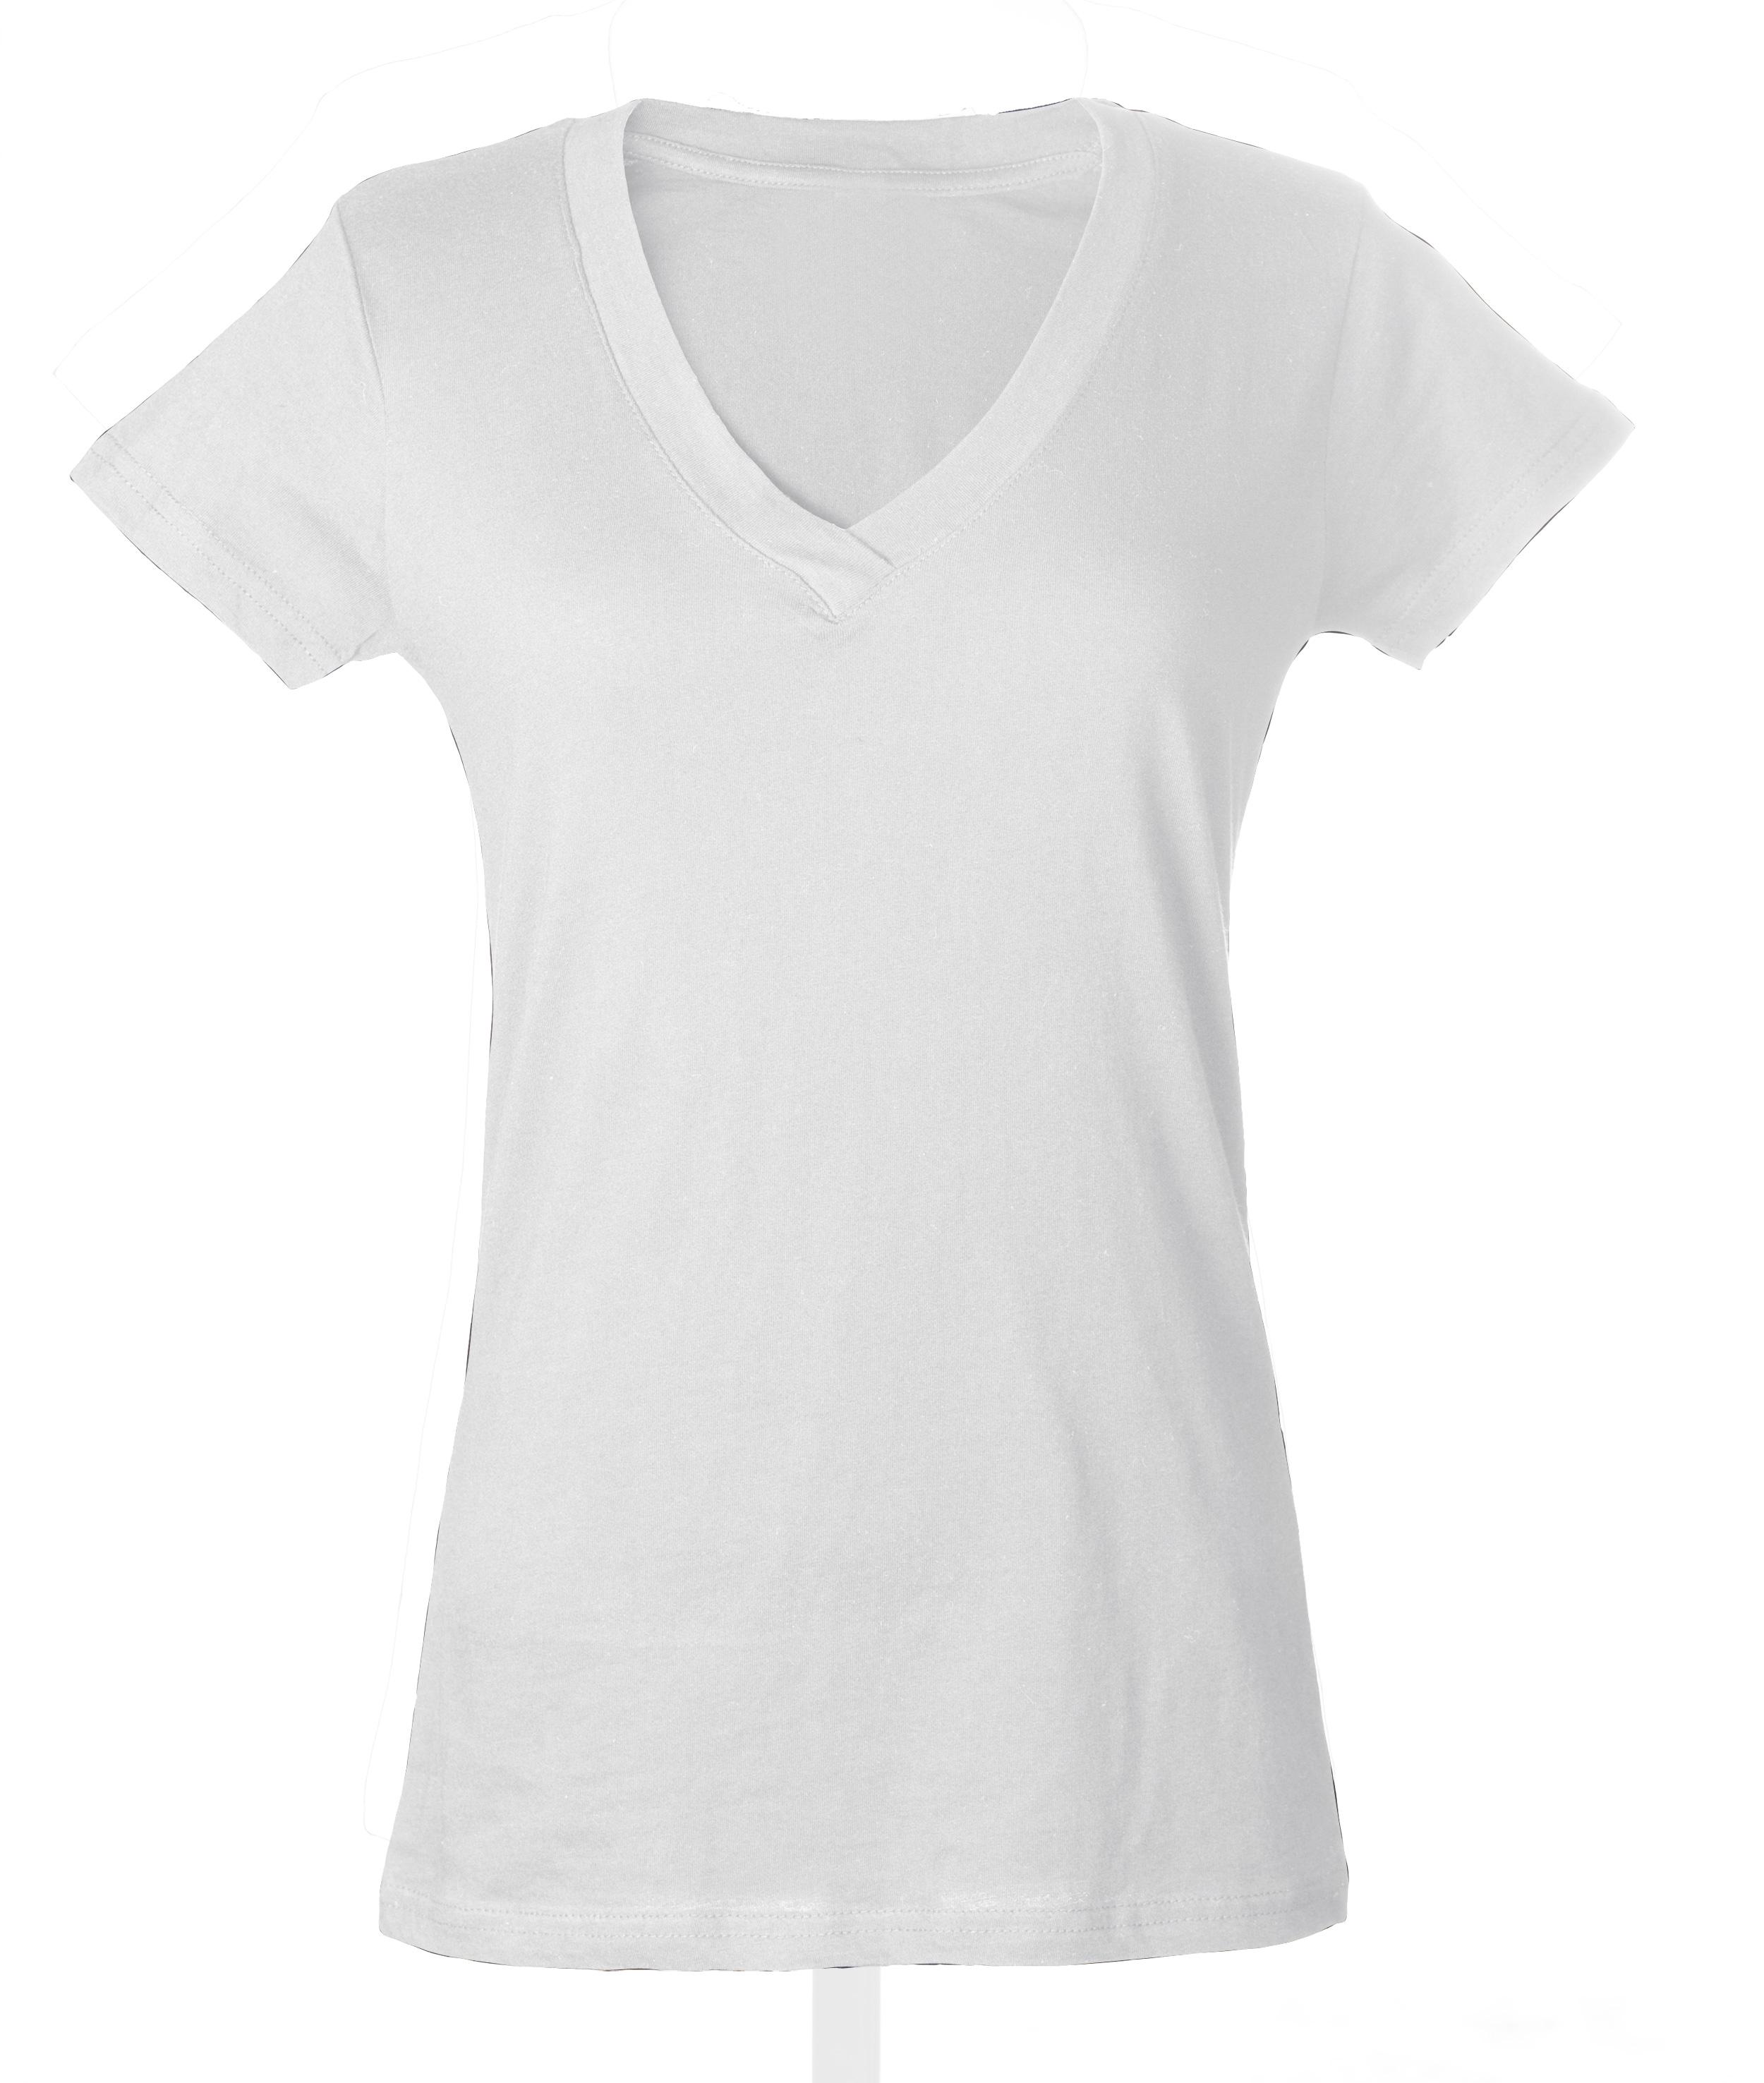 Plain White T Shirts Womens V Neck Raveitsafe